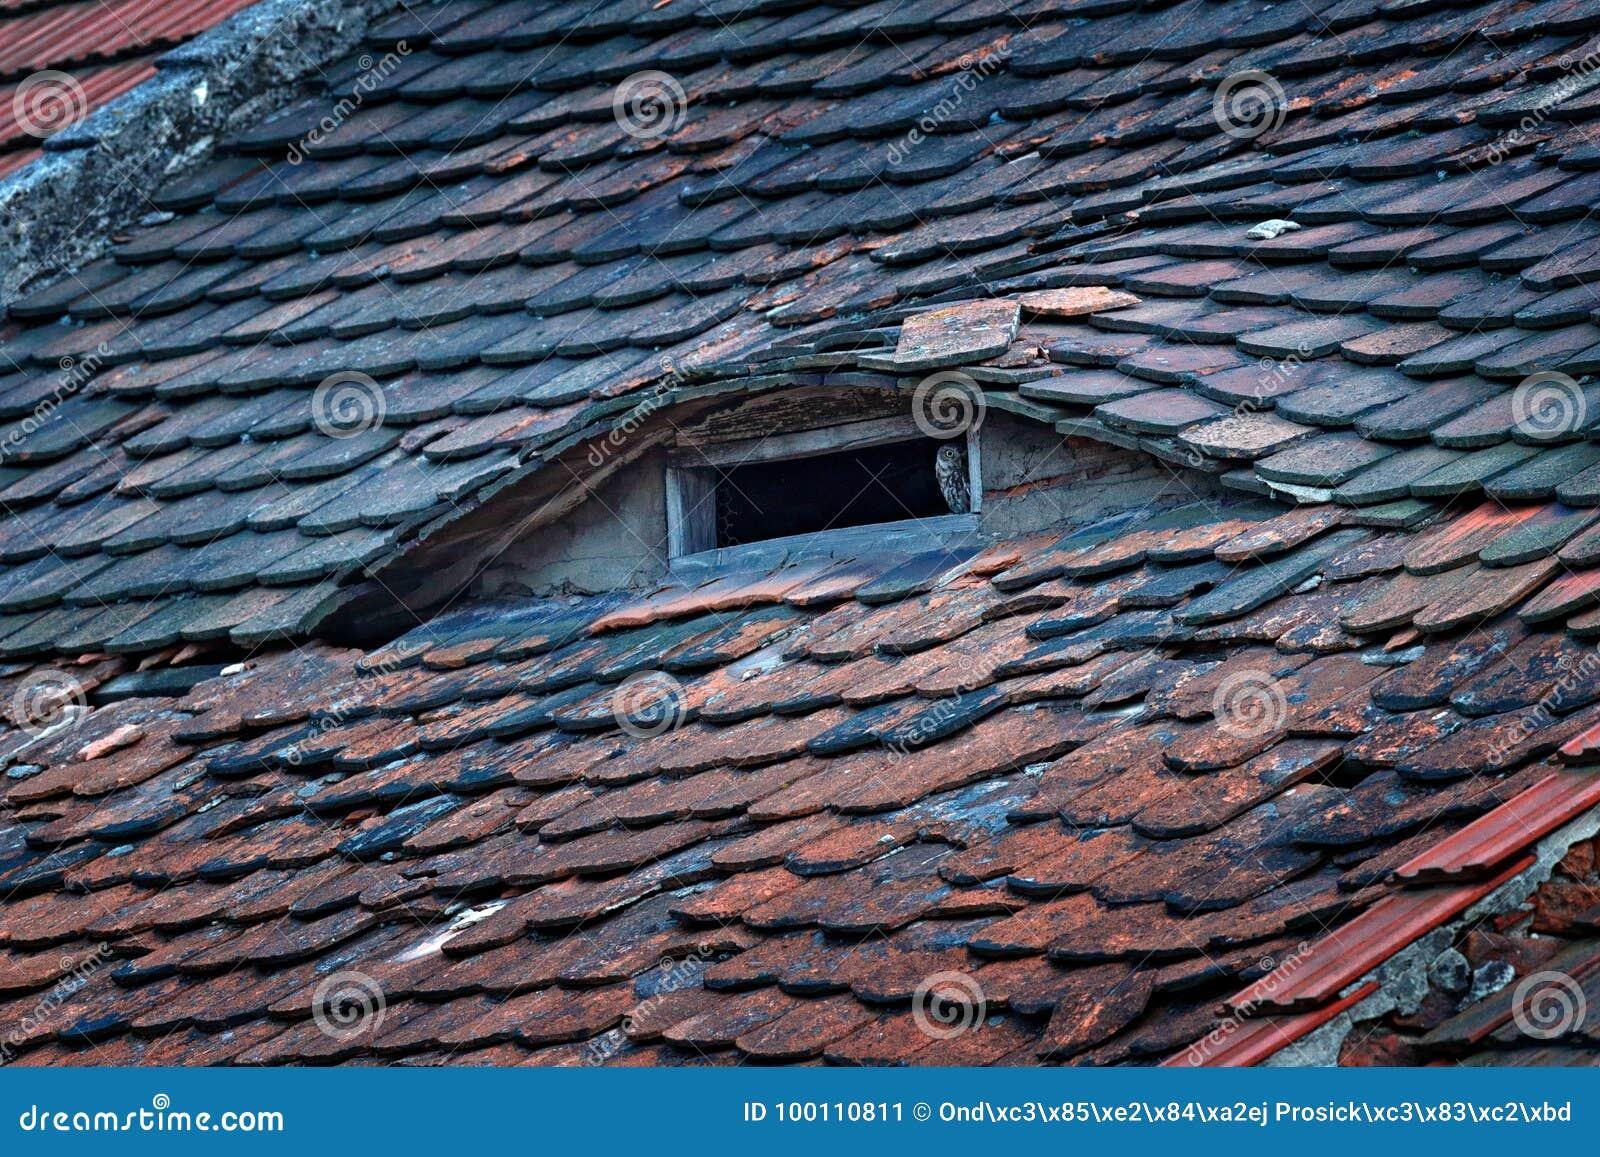 Civetta noctua delle atene uccello in vecchie mattonelle di tetto